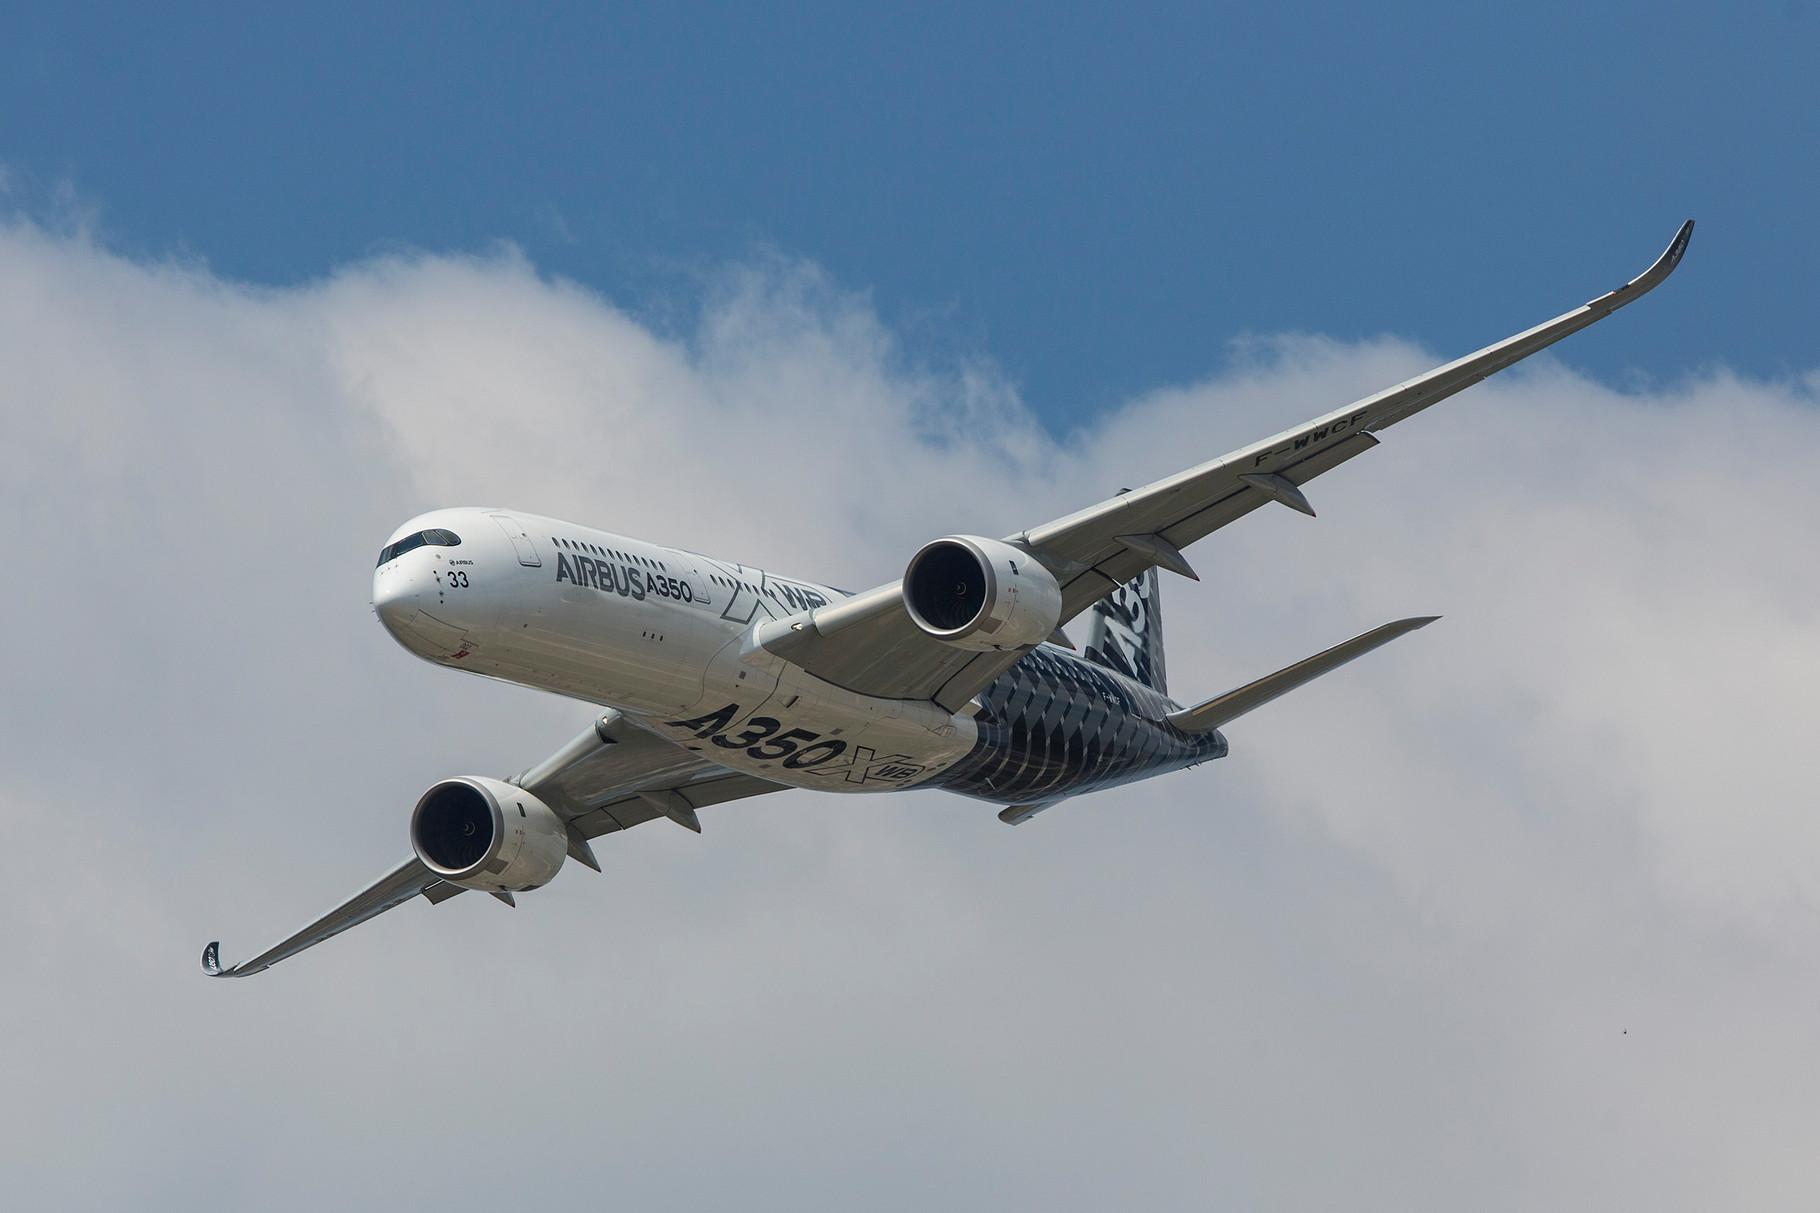 Auch Airbus präsentierte seinen neuen Widebody vor heimischem Publikum.